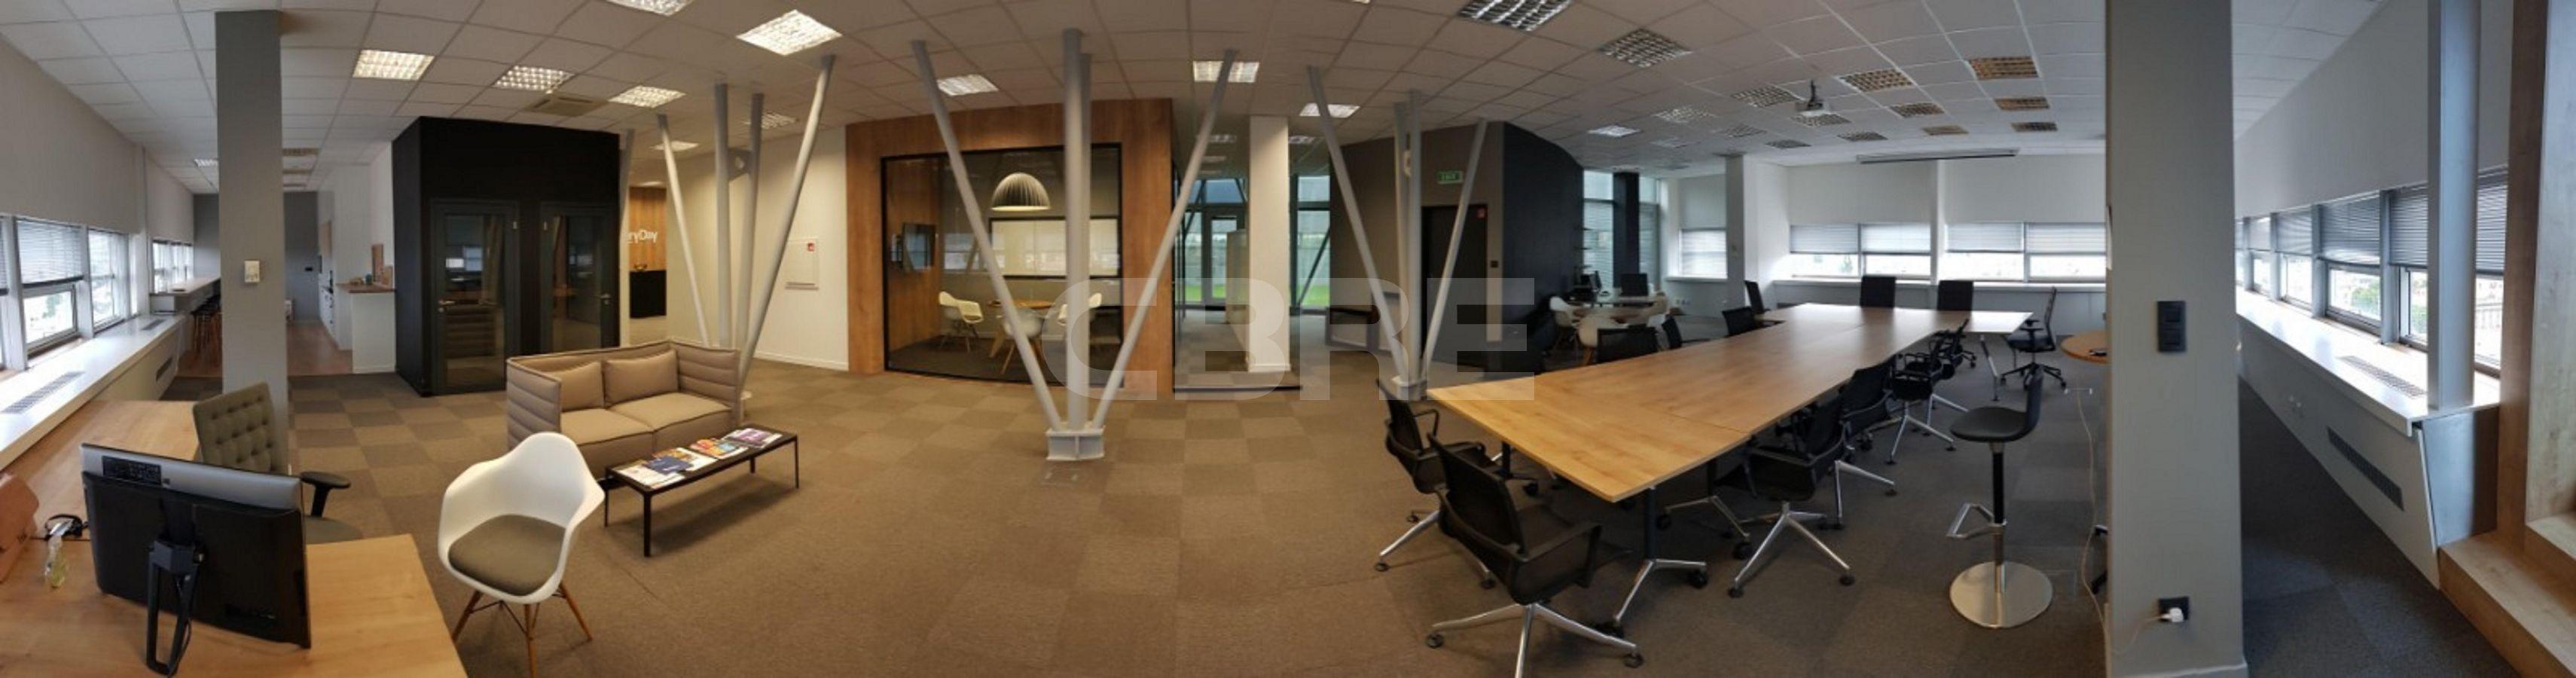 Business Center Košice I, Košice - Staré Mesto | Offices for rent by CBRE | 1